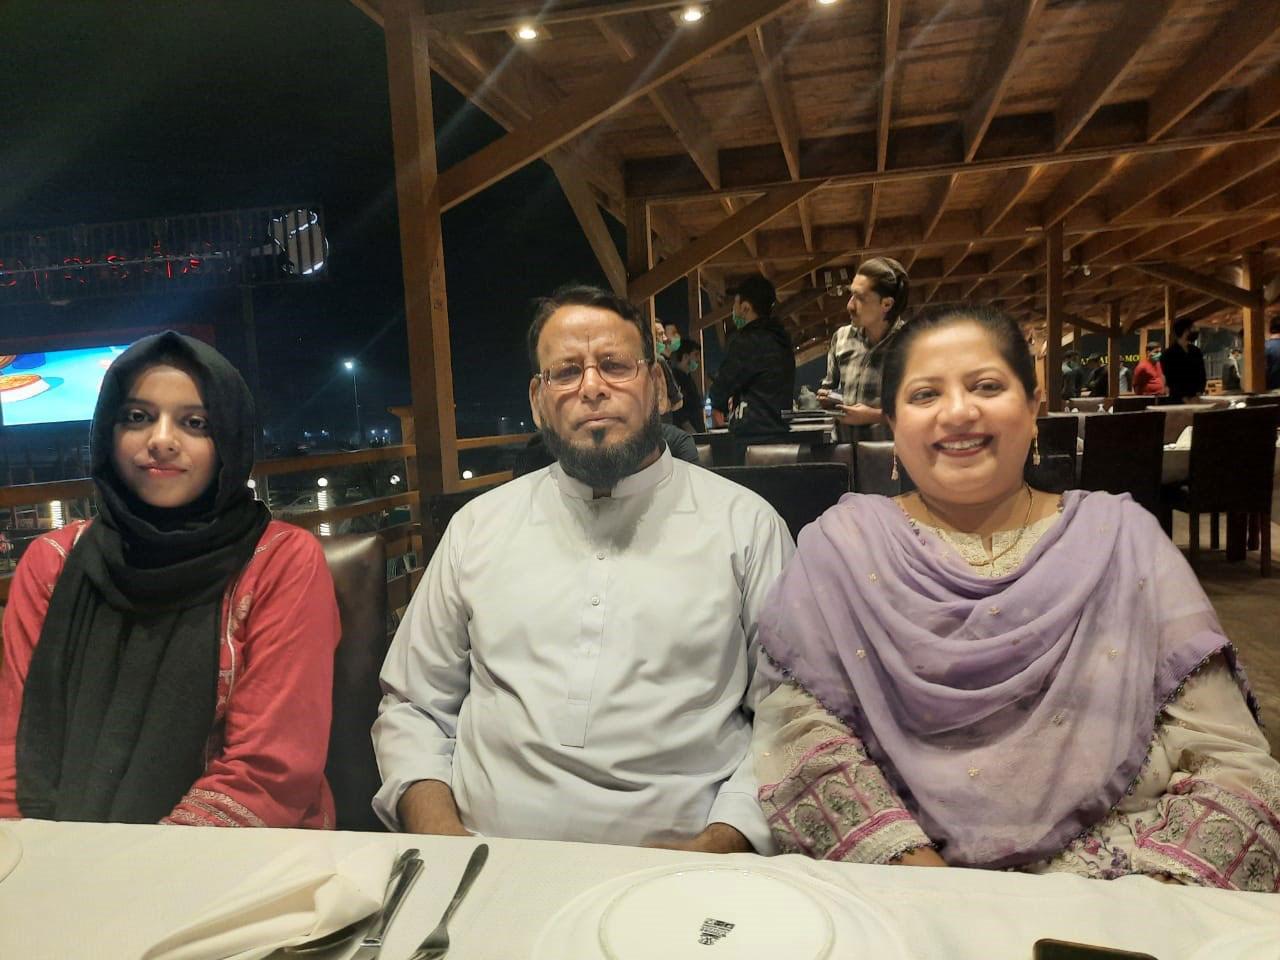 Mariam A. Rehman, Dr. Ata Ur Rehman, Dr. Kiran A. Rehman